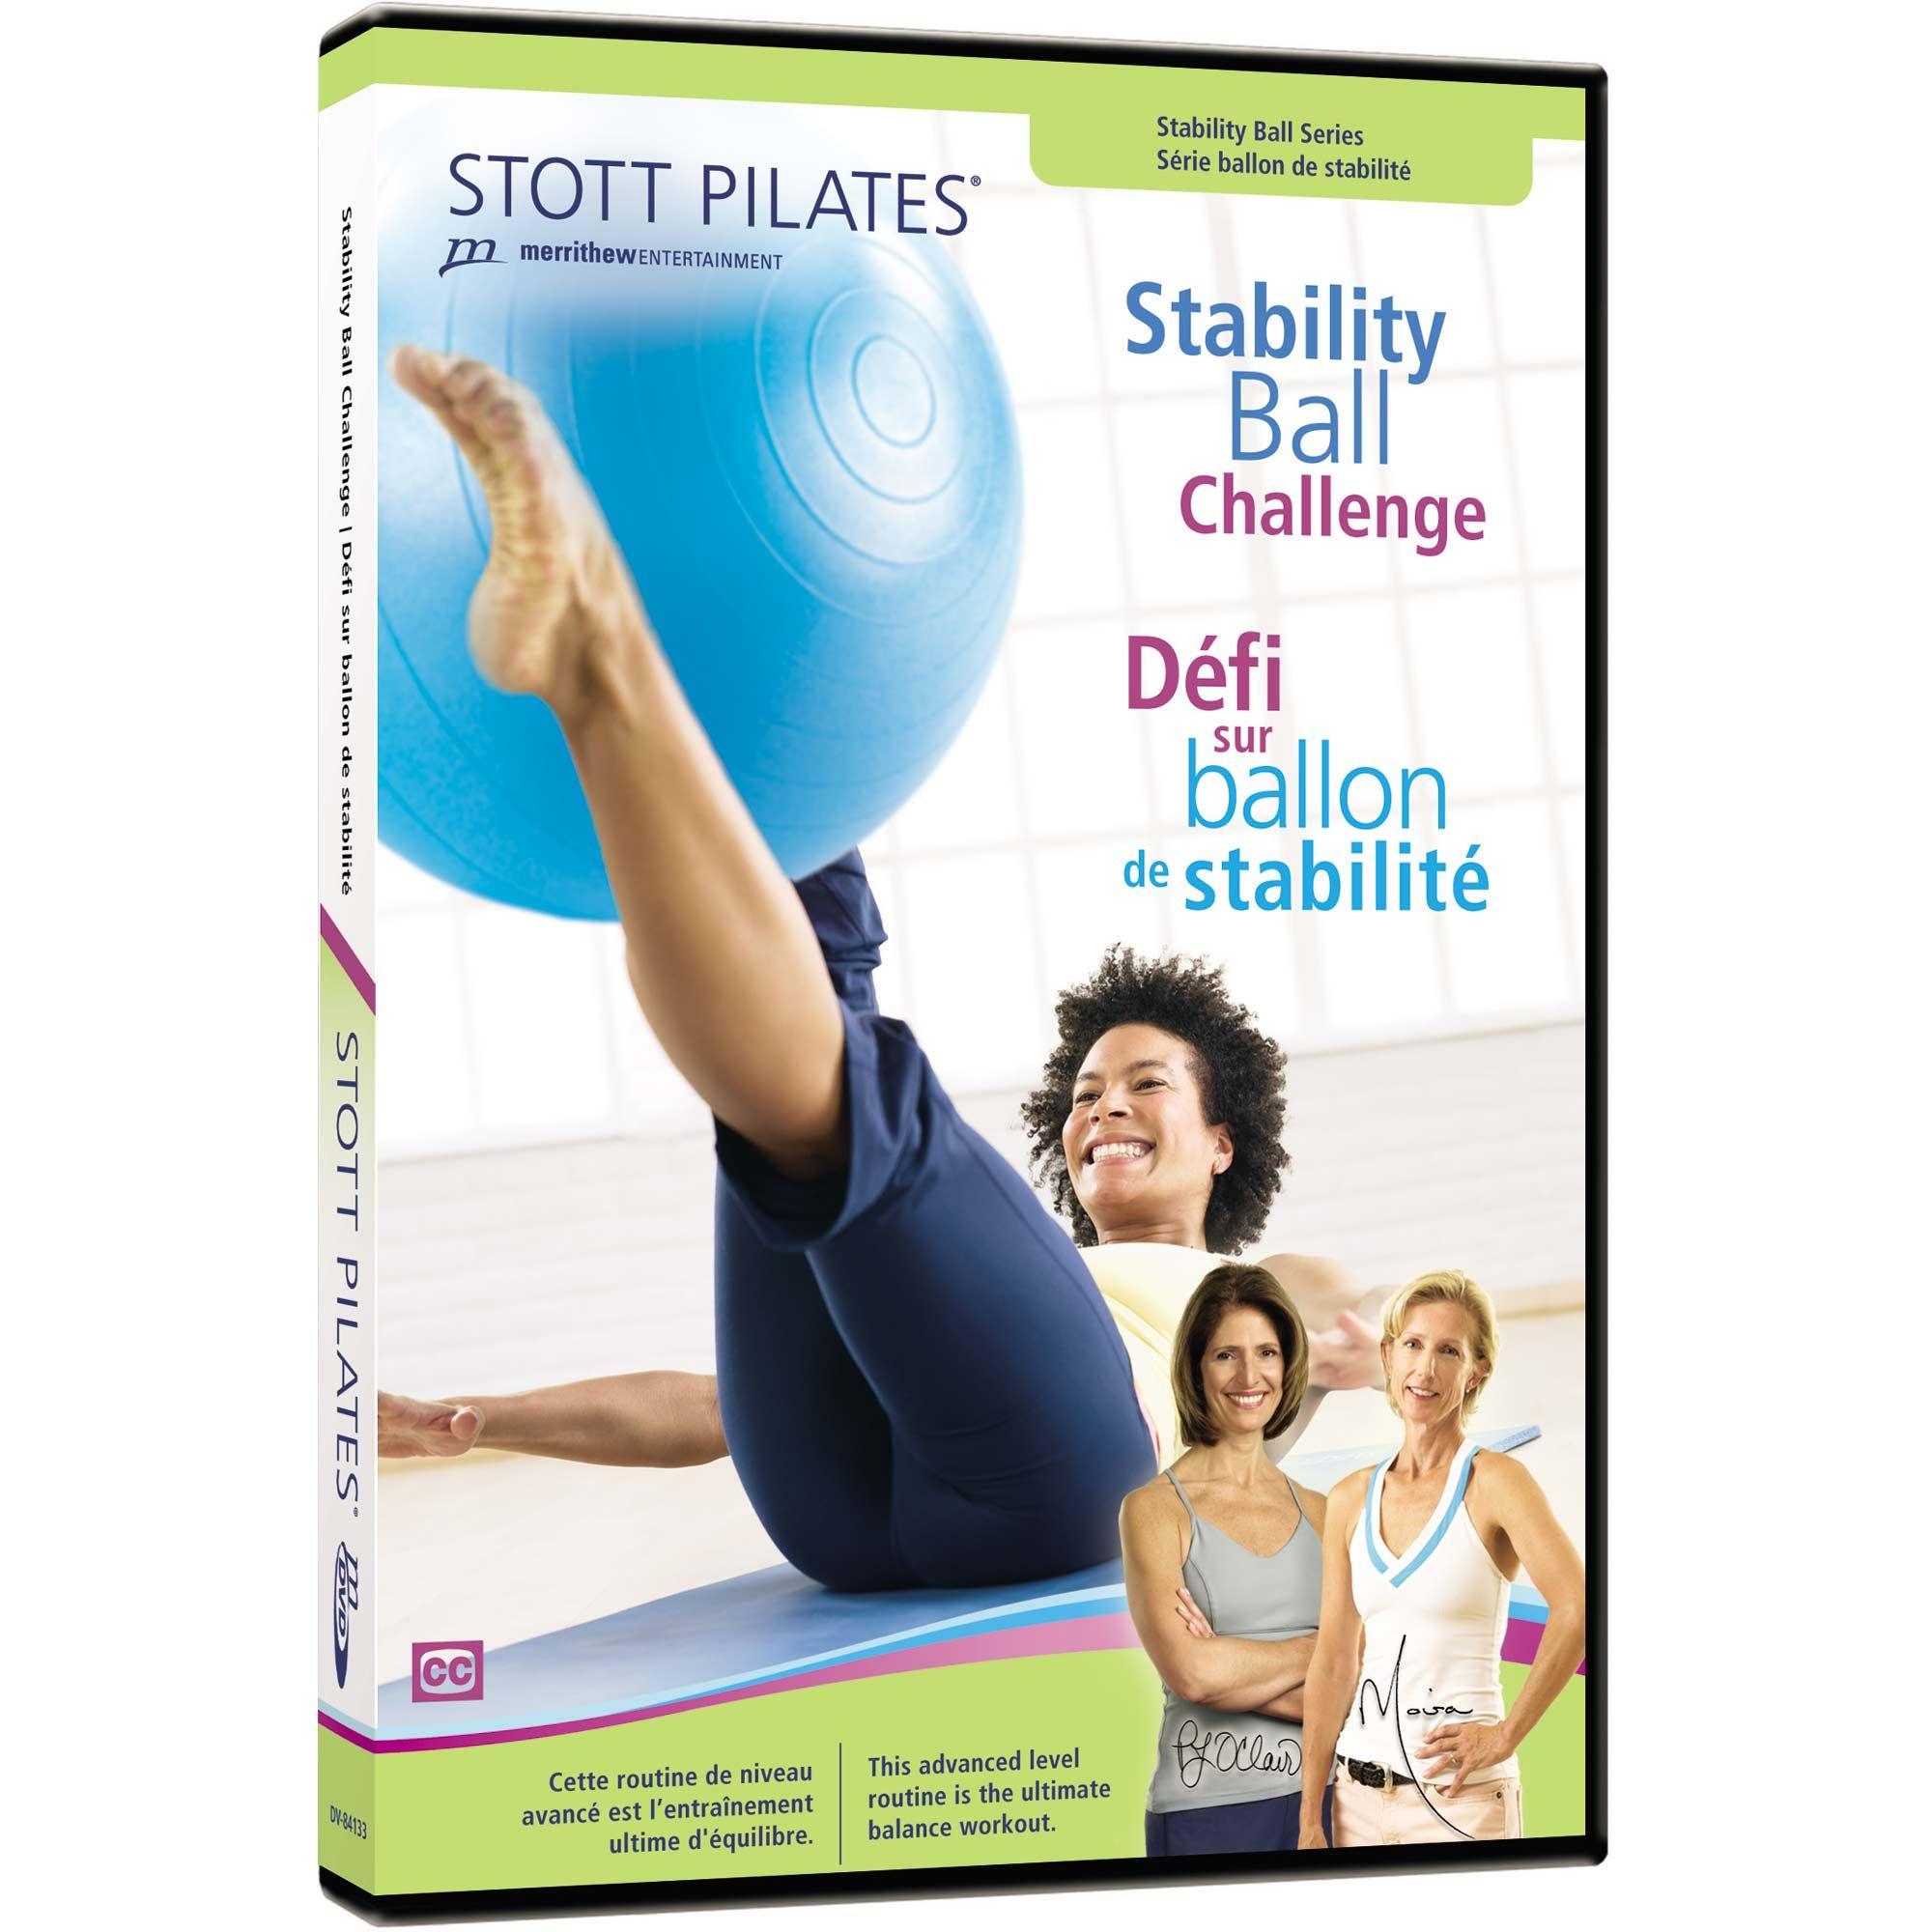 Stott Pilates Stability Ball Challenge DVD